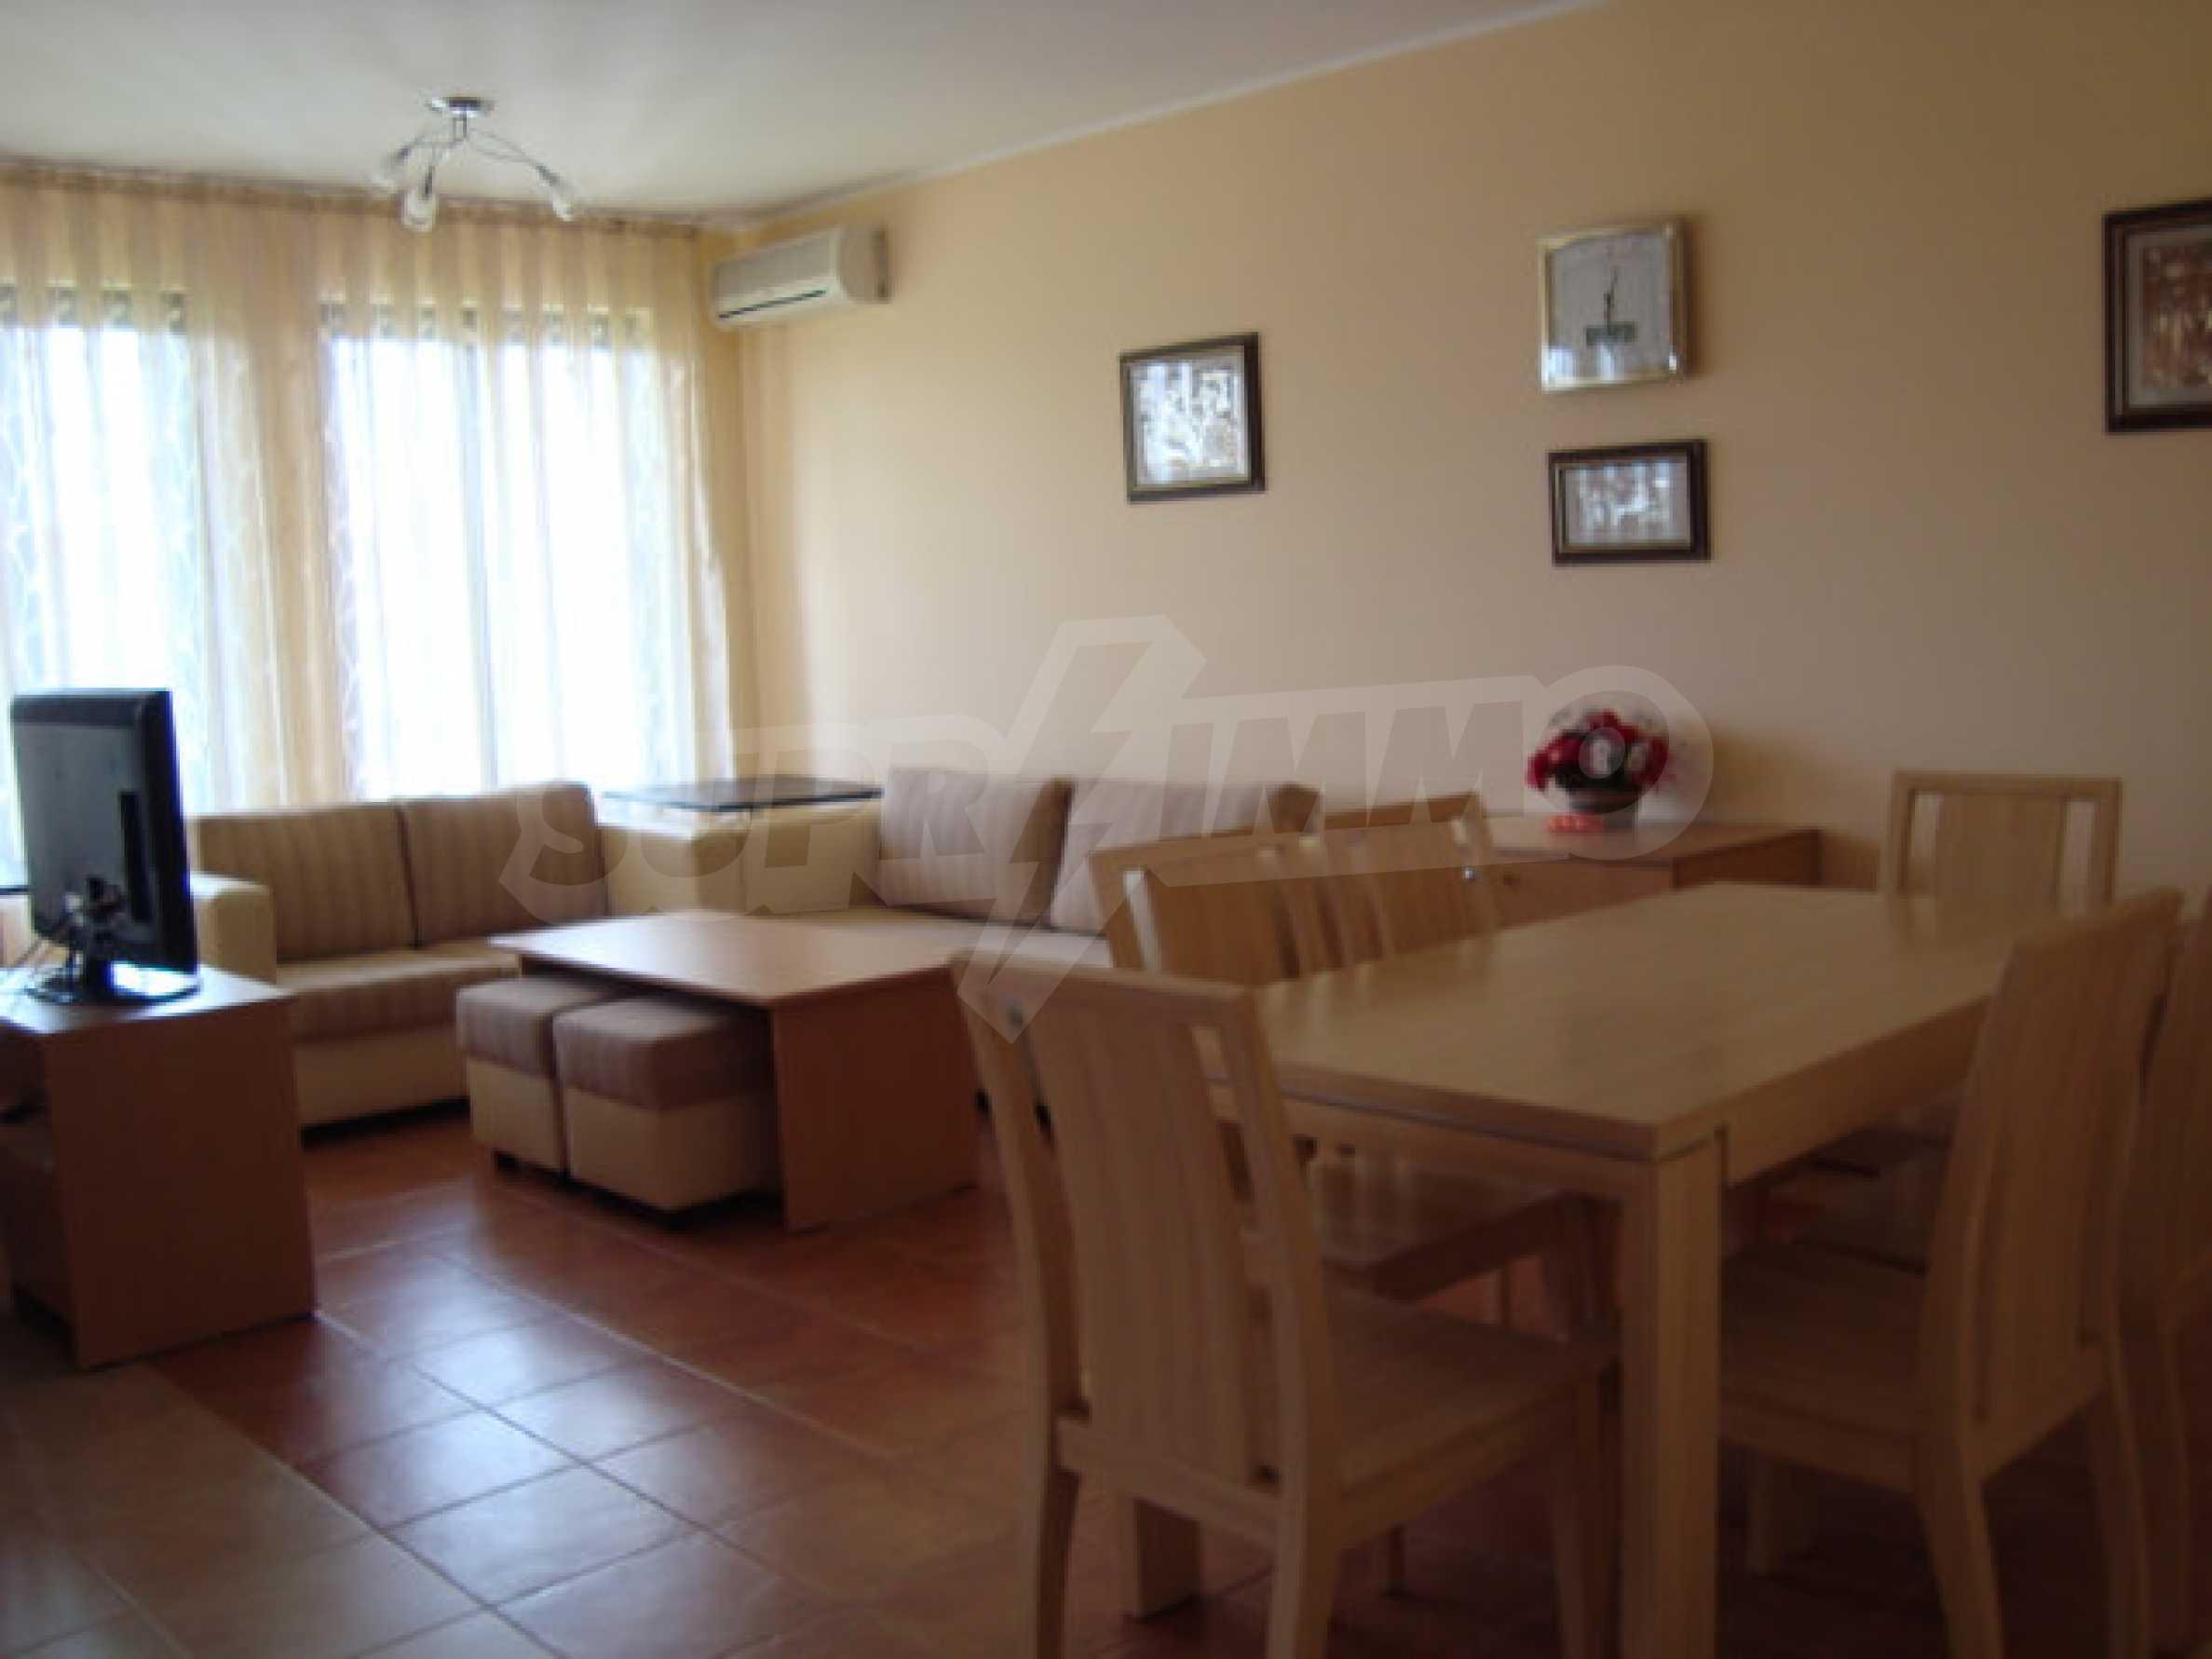 Zwei-Zimmer-Wohnung in Saint Nicholas Komplex in Chernomorets 1